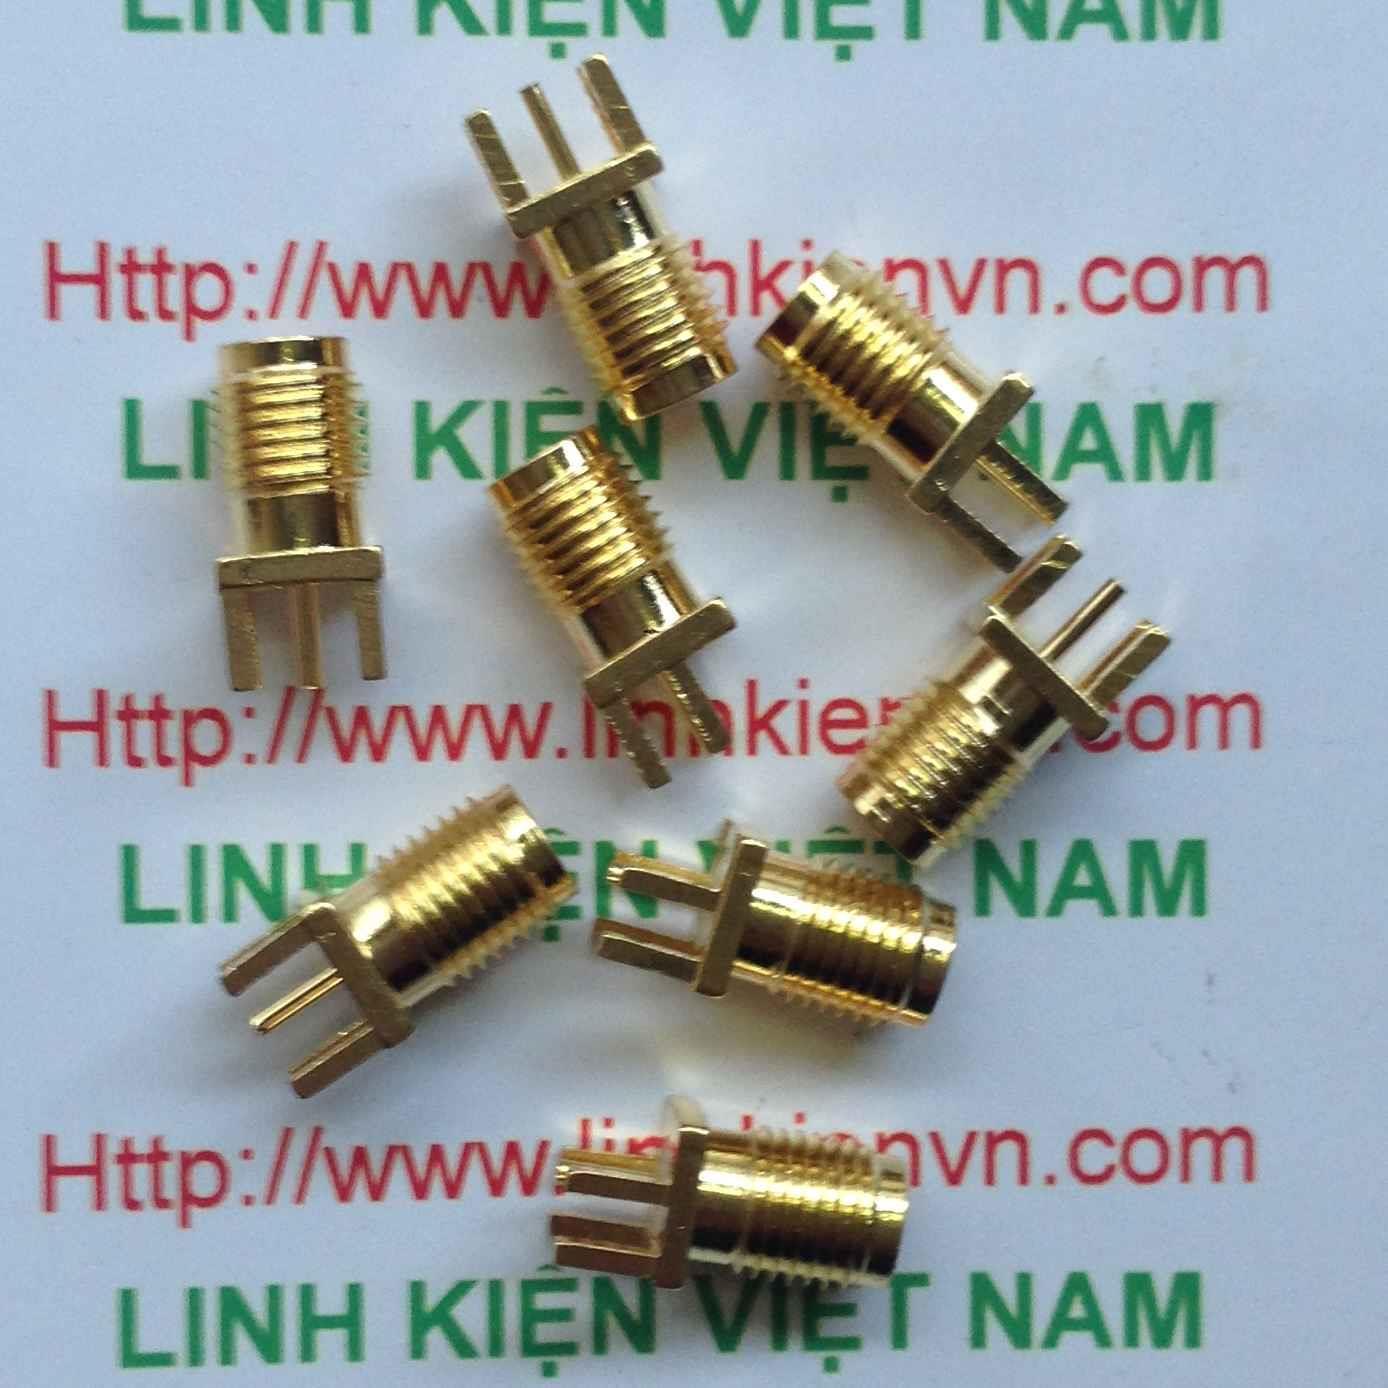 Đế Anten SMA 5 Chân LKVN-CL ( Loại Đực Thẳng) - F4H12